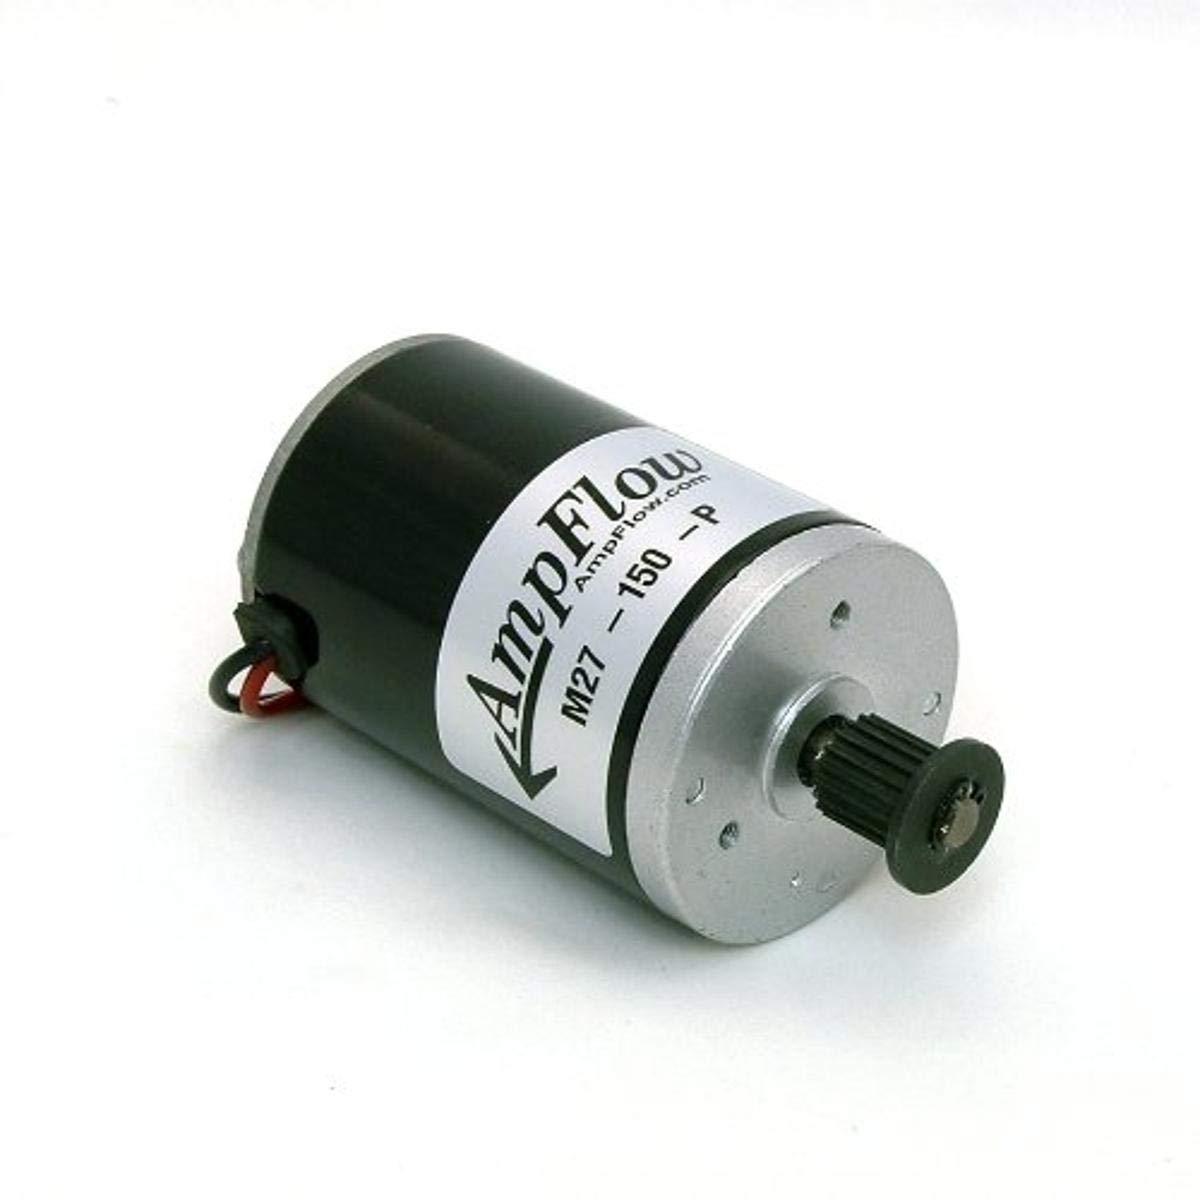 AmpFlow M27-150-P Brushed Electric Motor, 150W, 12V, 24V or 36 VDC, 3800 RPM